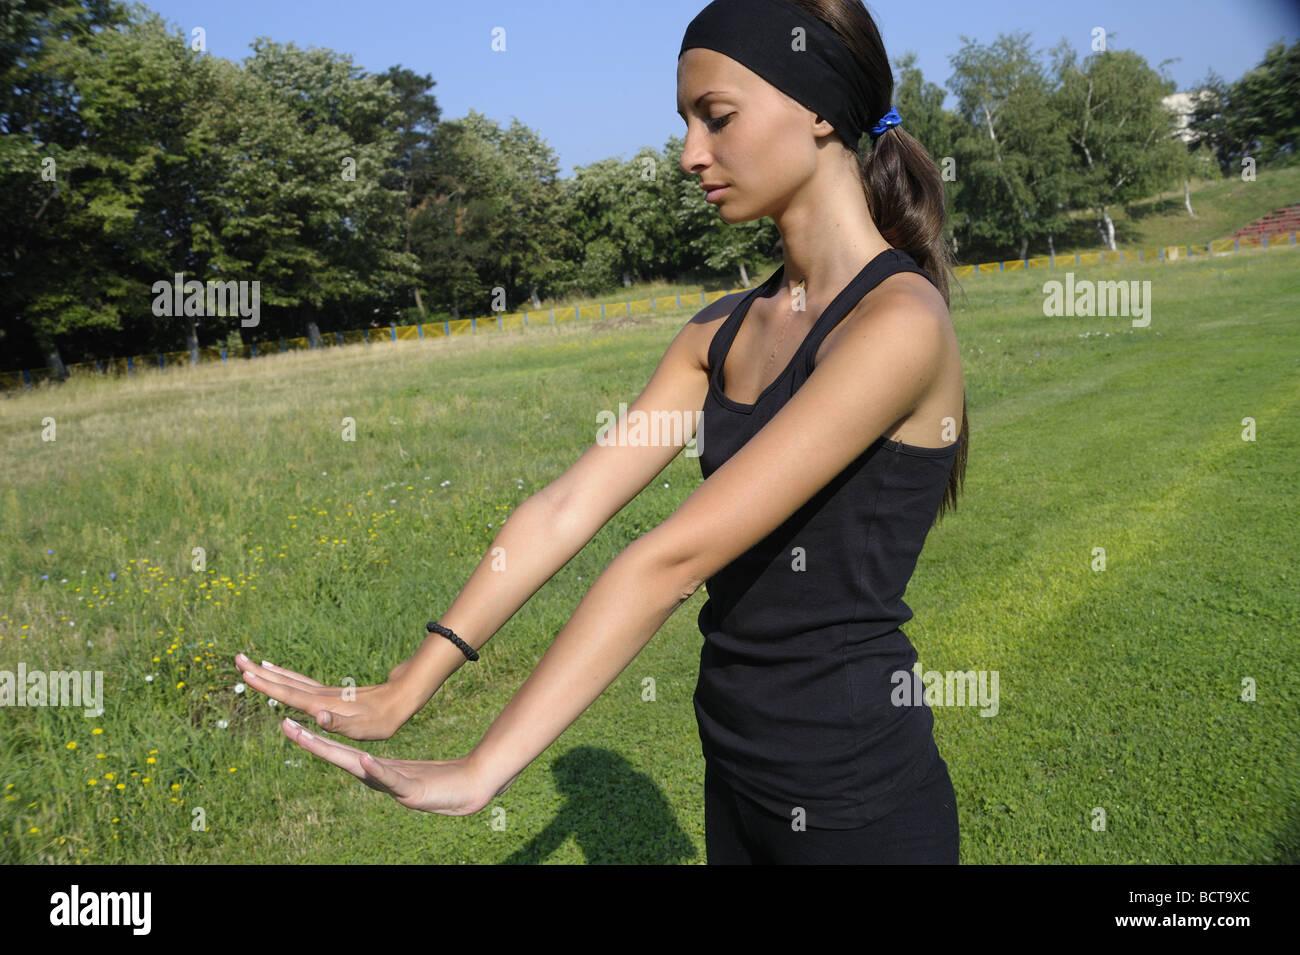 Ragazza facendo esercizi di stretching per le mani e i polsi - ai polsi di piegatura verso l'alto Foto Stock